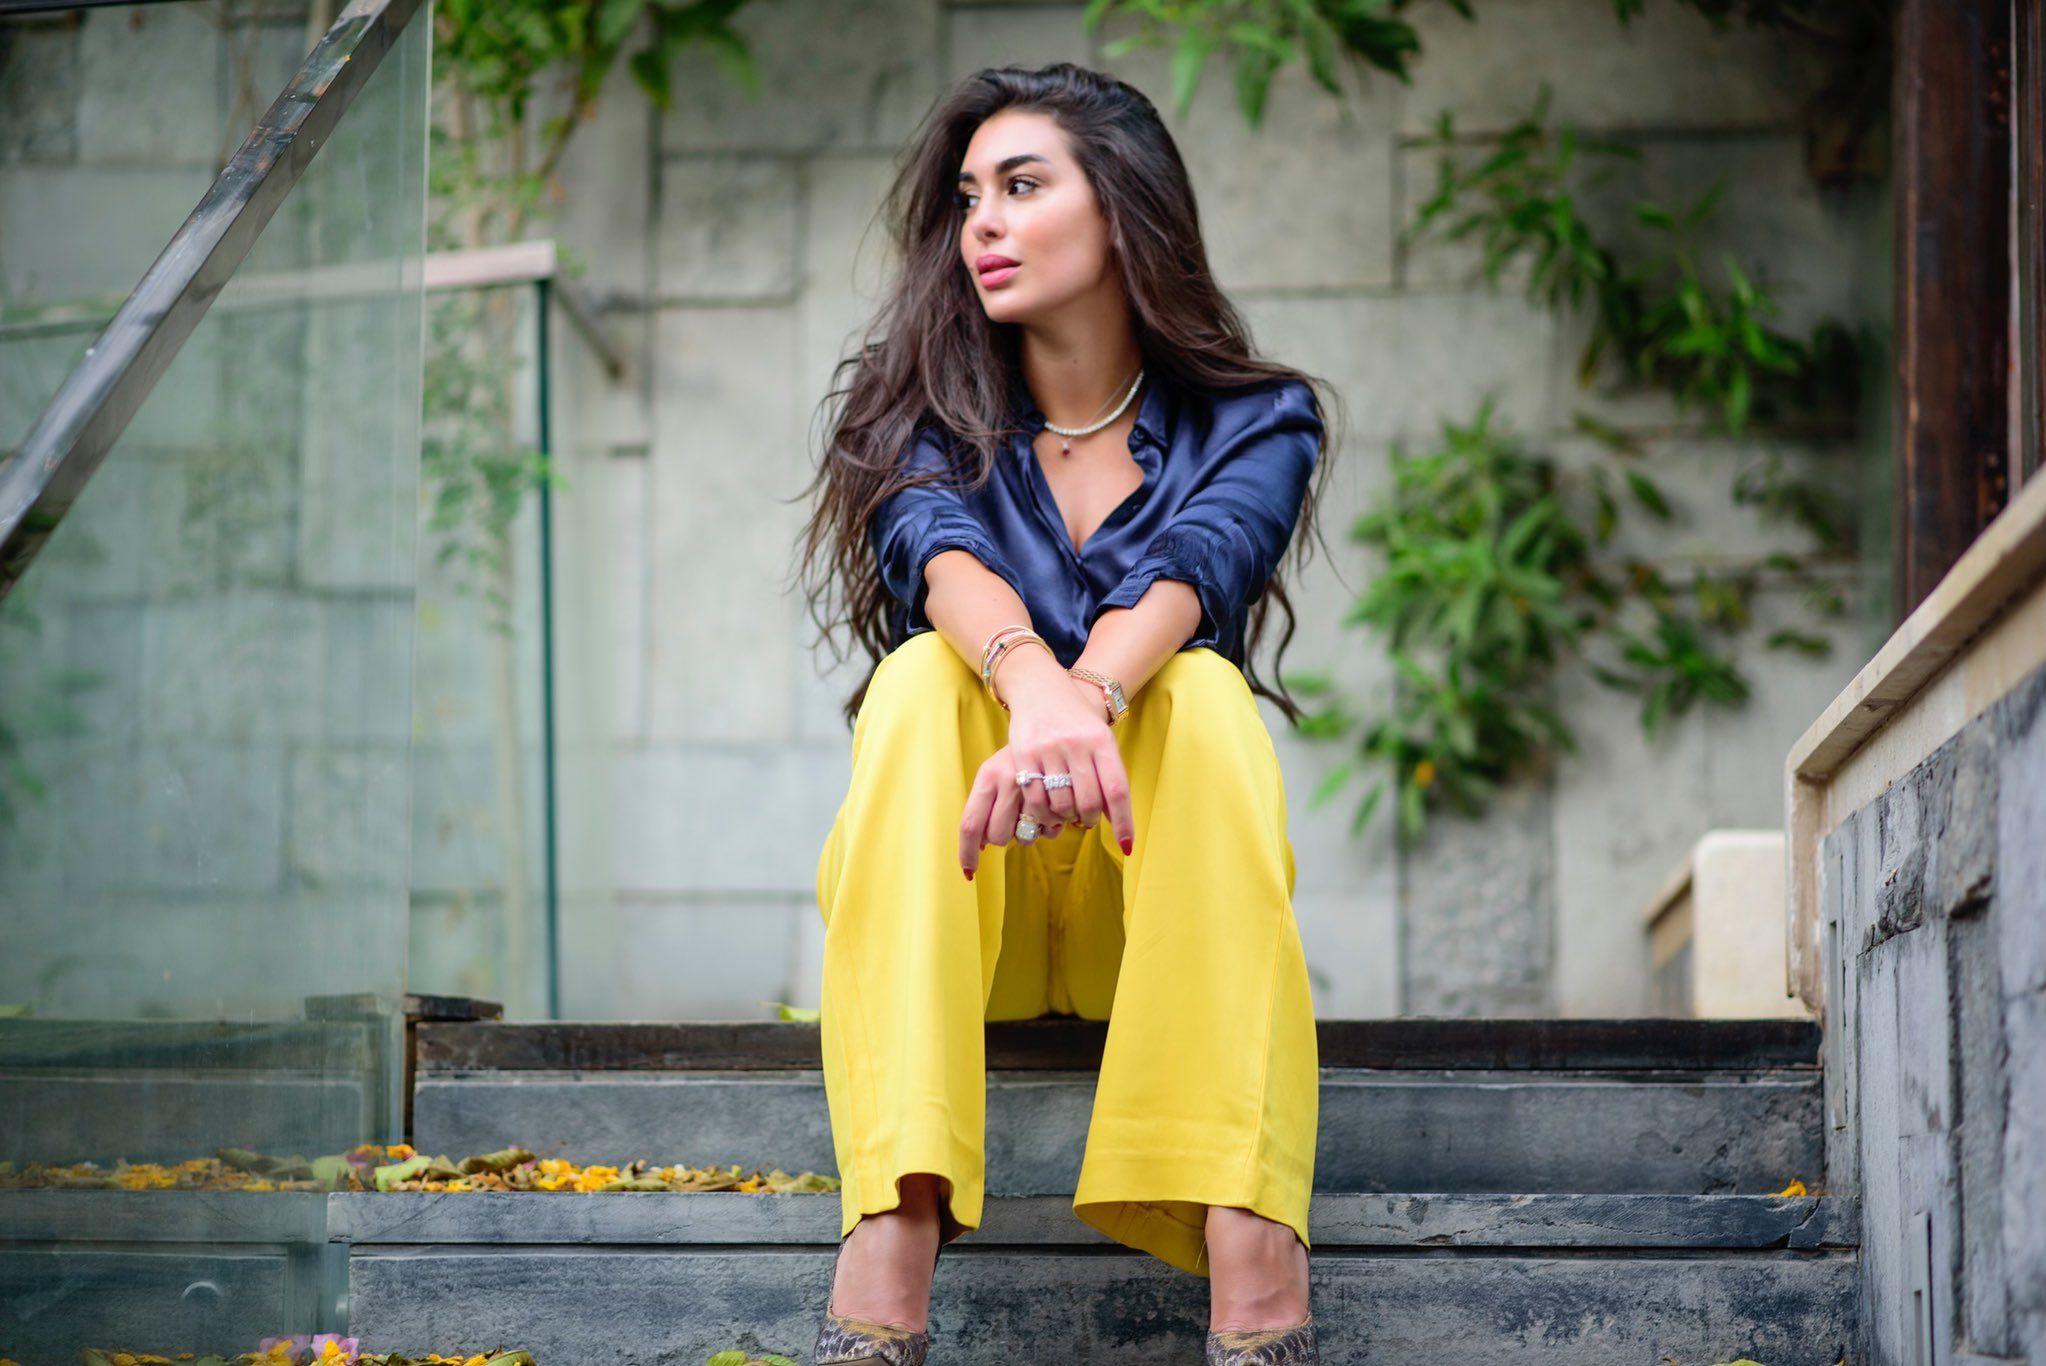 شاهد بالصور ياسمين صبري تدعم سيدة طلبت الطلاق بسببها وتستعين ب Quot سيدتي Quot Fashion Culottes Pants